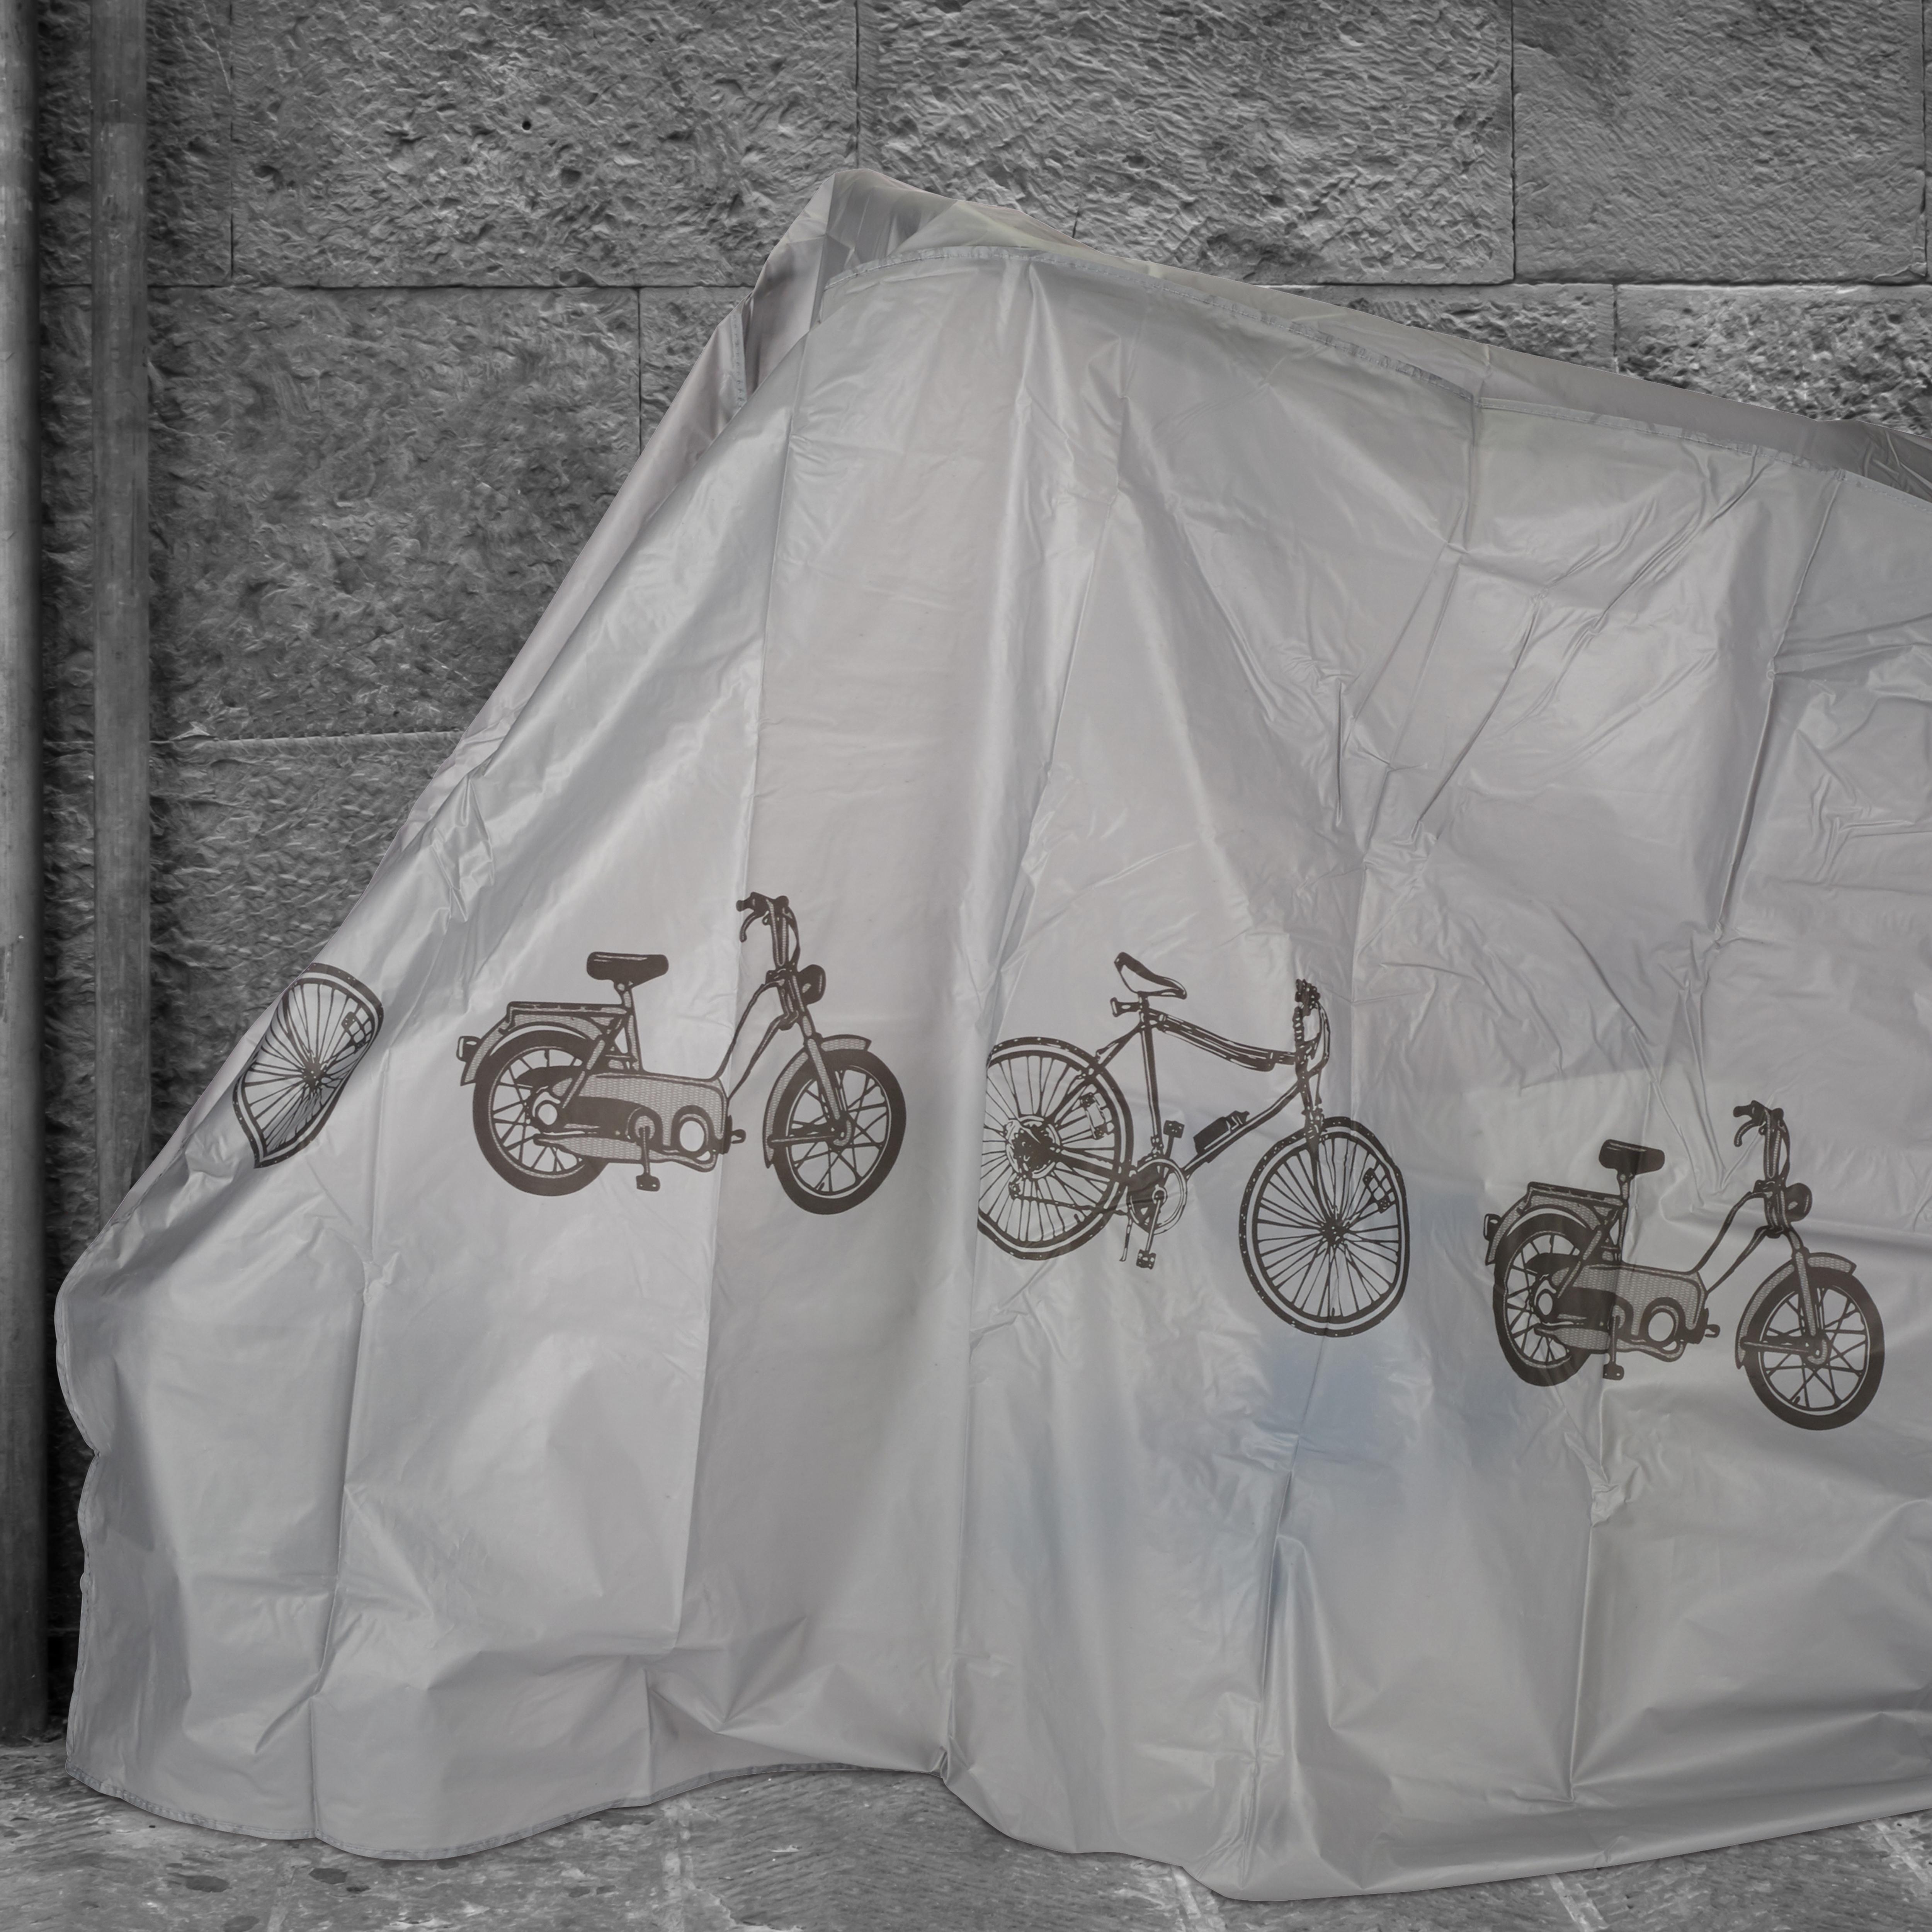 Fahrradgarage Schutzhülle Abdeckung robust wetterfest Staubschutz versch Farben Fahrradzubehör Radsport